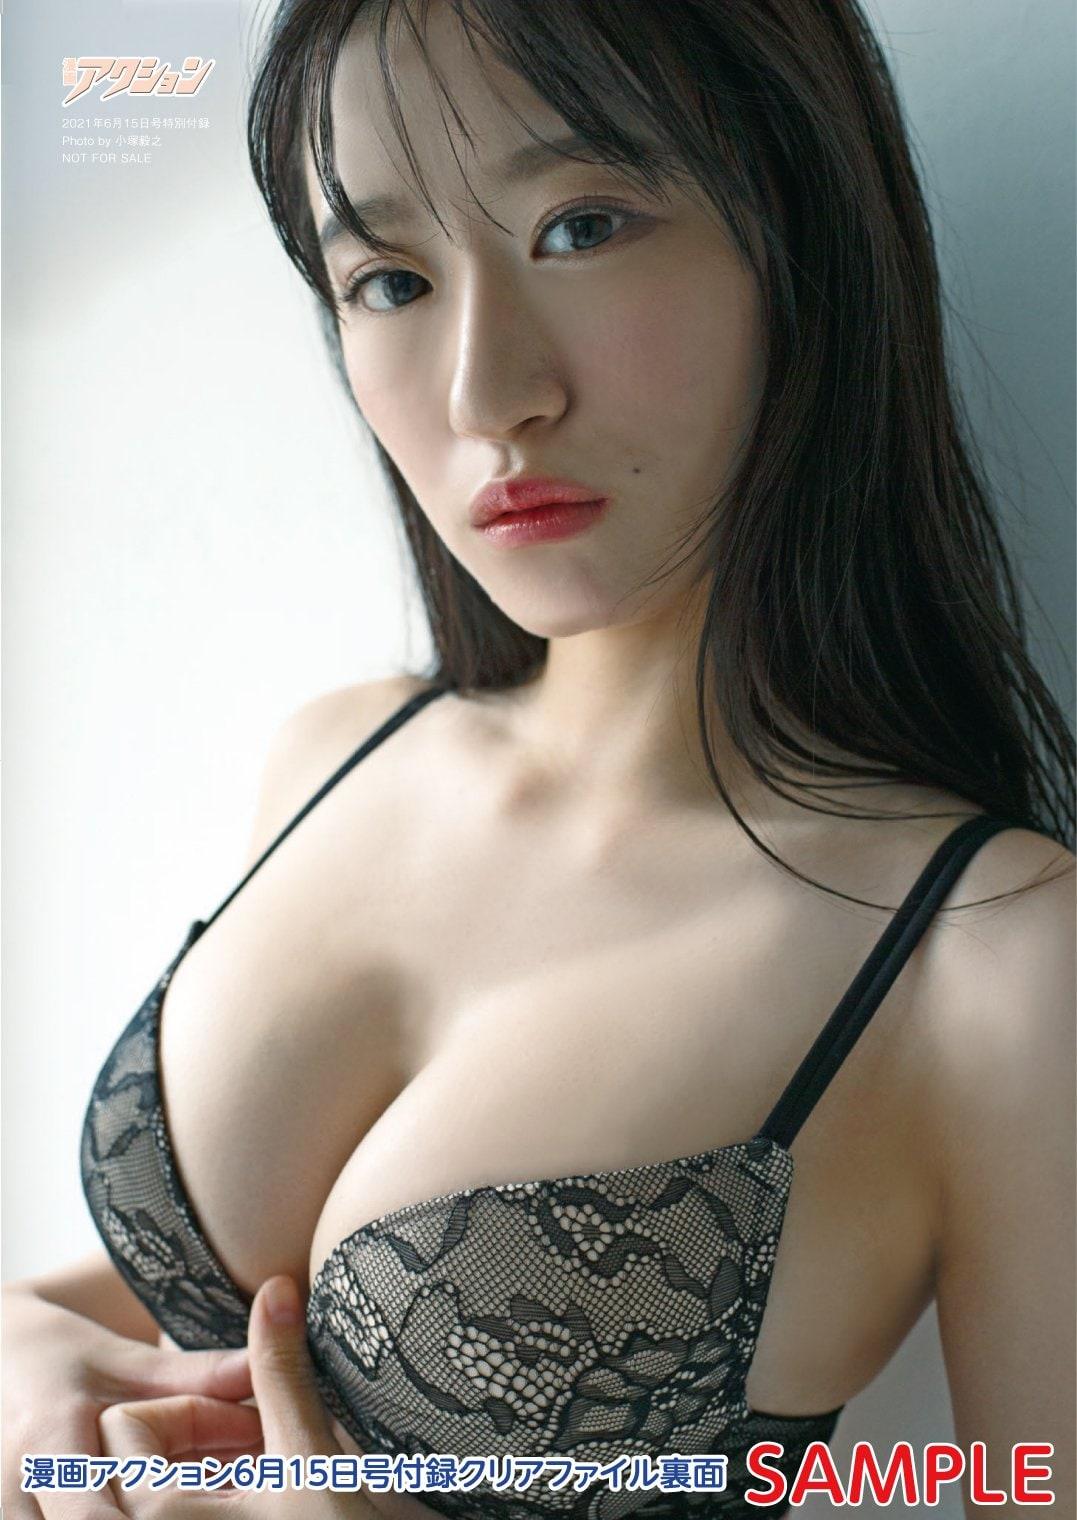 NMB48上西怜が『漫画アクション』の表紙巻頭グラビアに登場!【画像4枚】の画像002